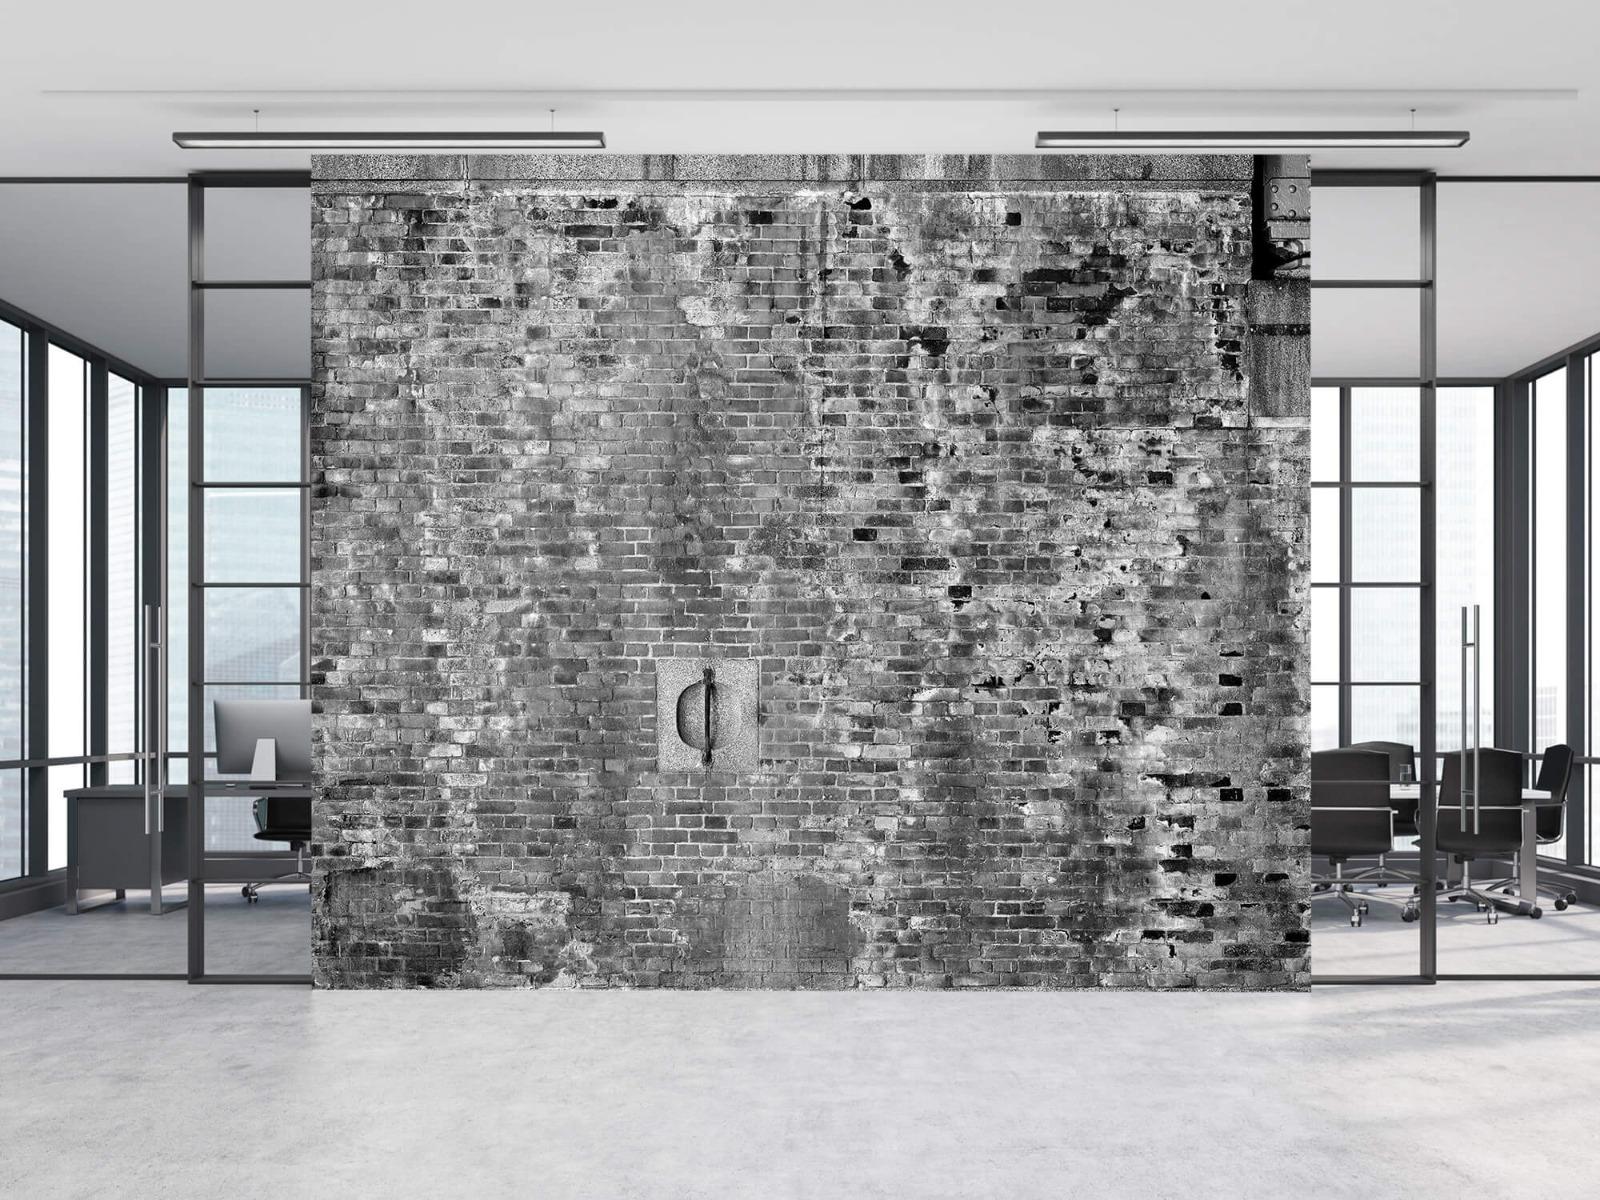 Steen behang - Verweerde muur - Tienerkamer 11